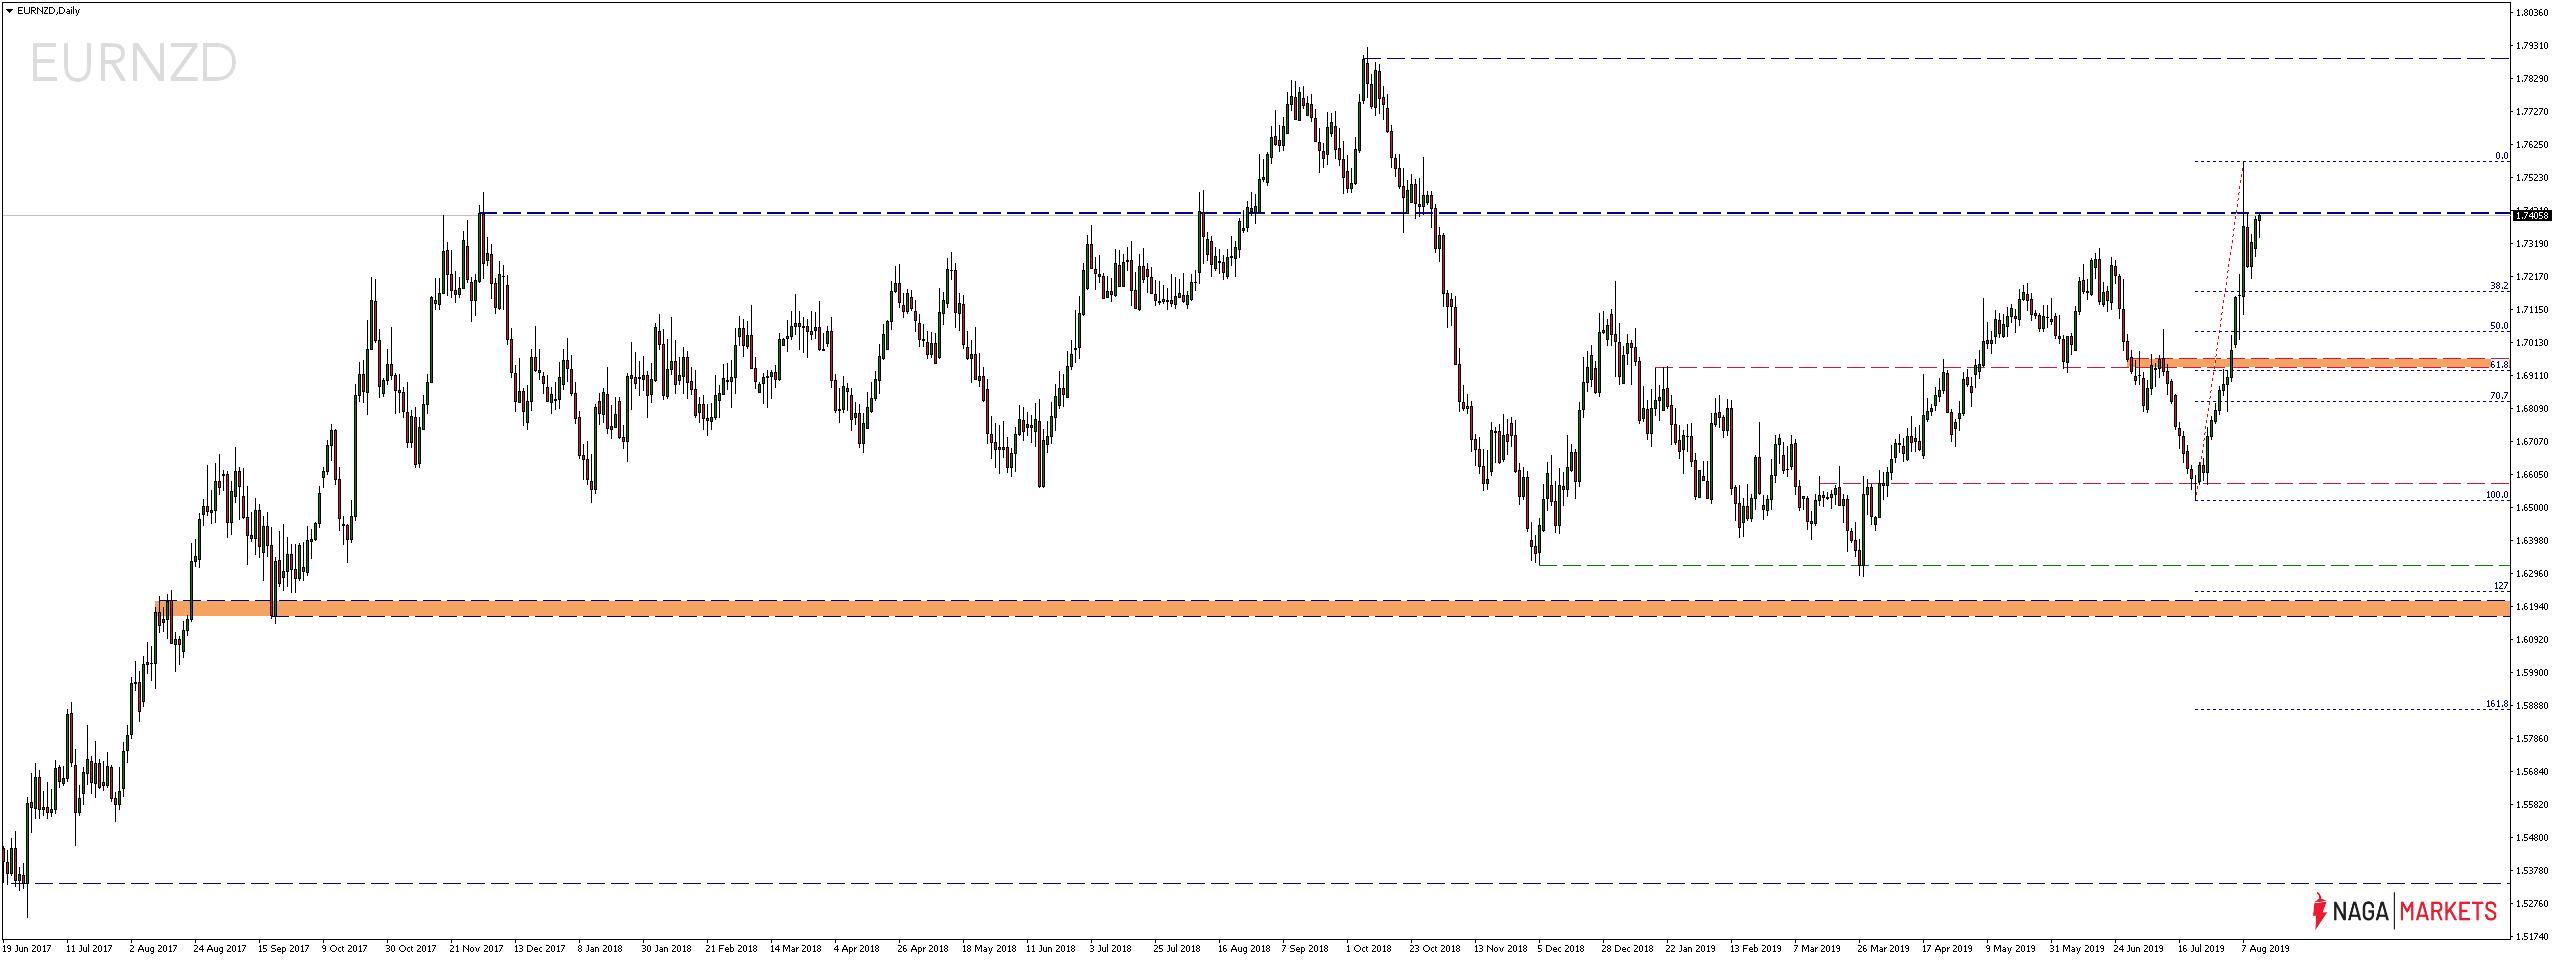 Kurs pary walutowej EURNZD